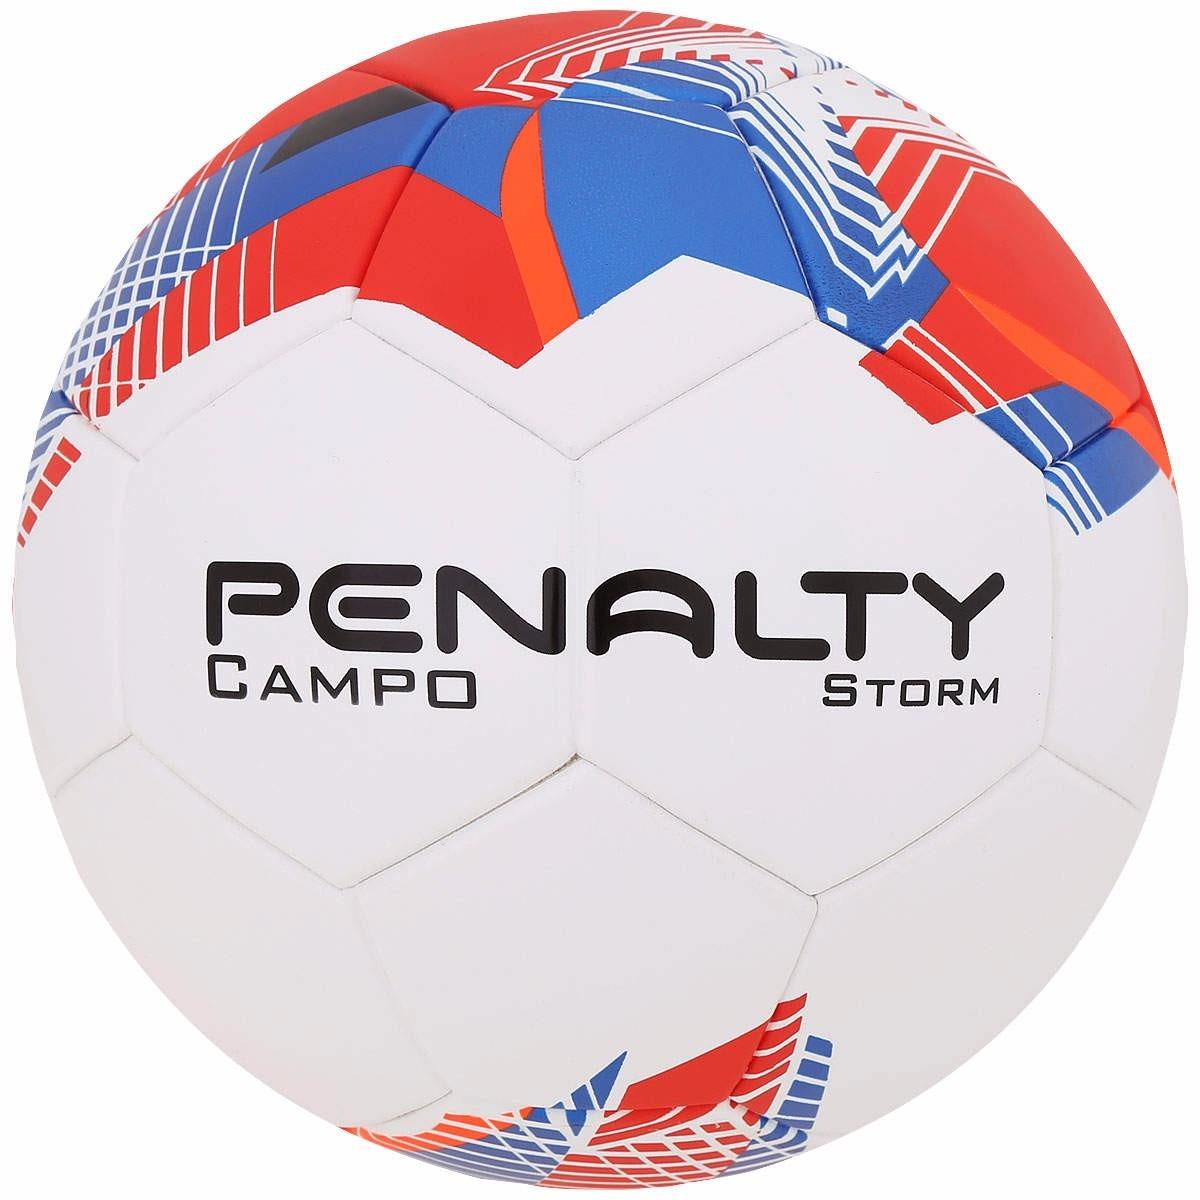 2f5dbc3ec5 bola futebol campo penalty storm ultra fusion v oficial. Carregando zoom.